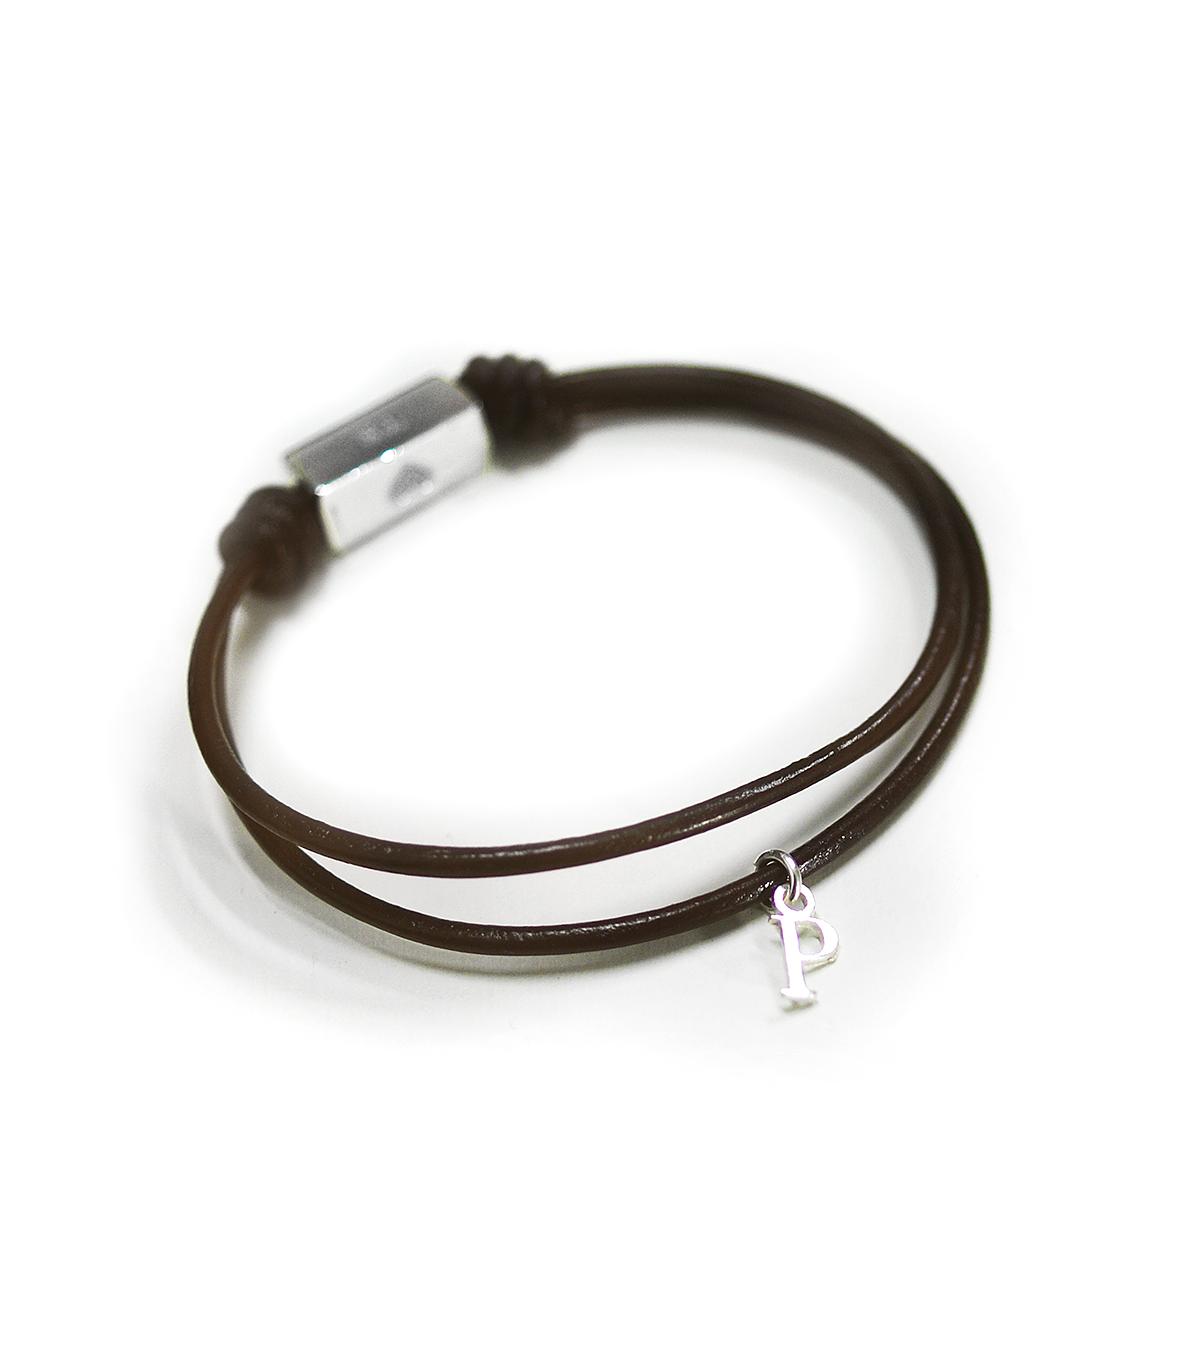 1003903f97a1 Pulseras de cuero y plata personalizadas – Tube - Joyas de moda para ...